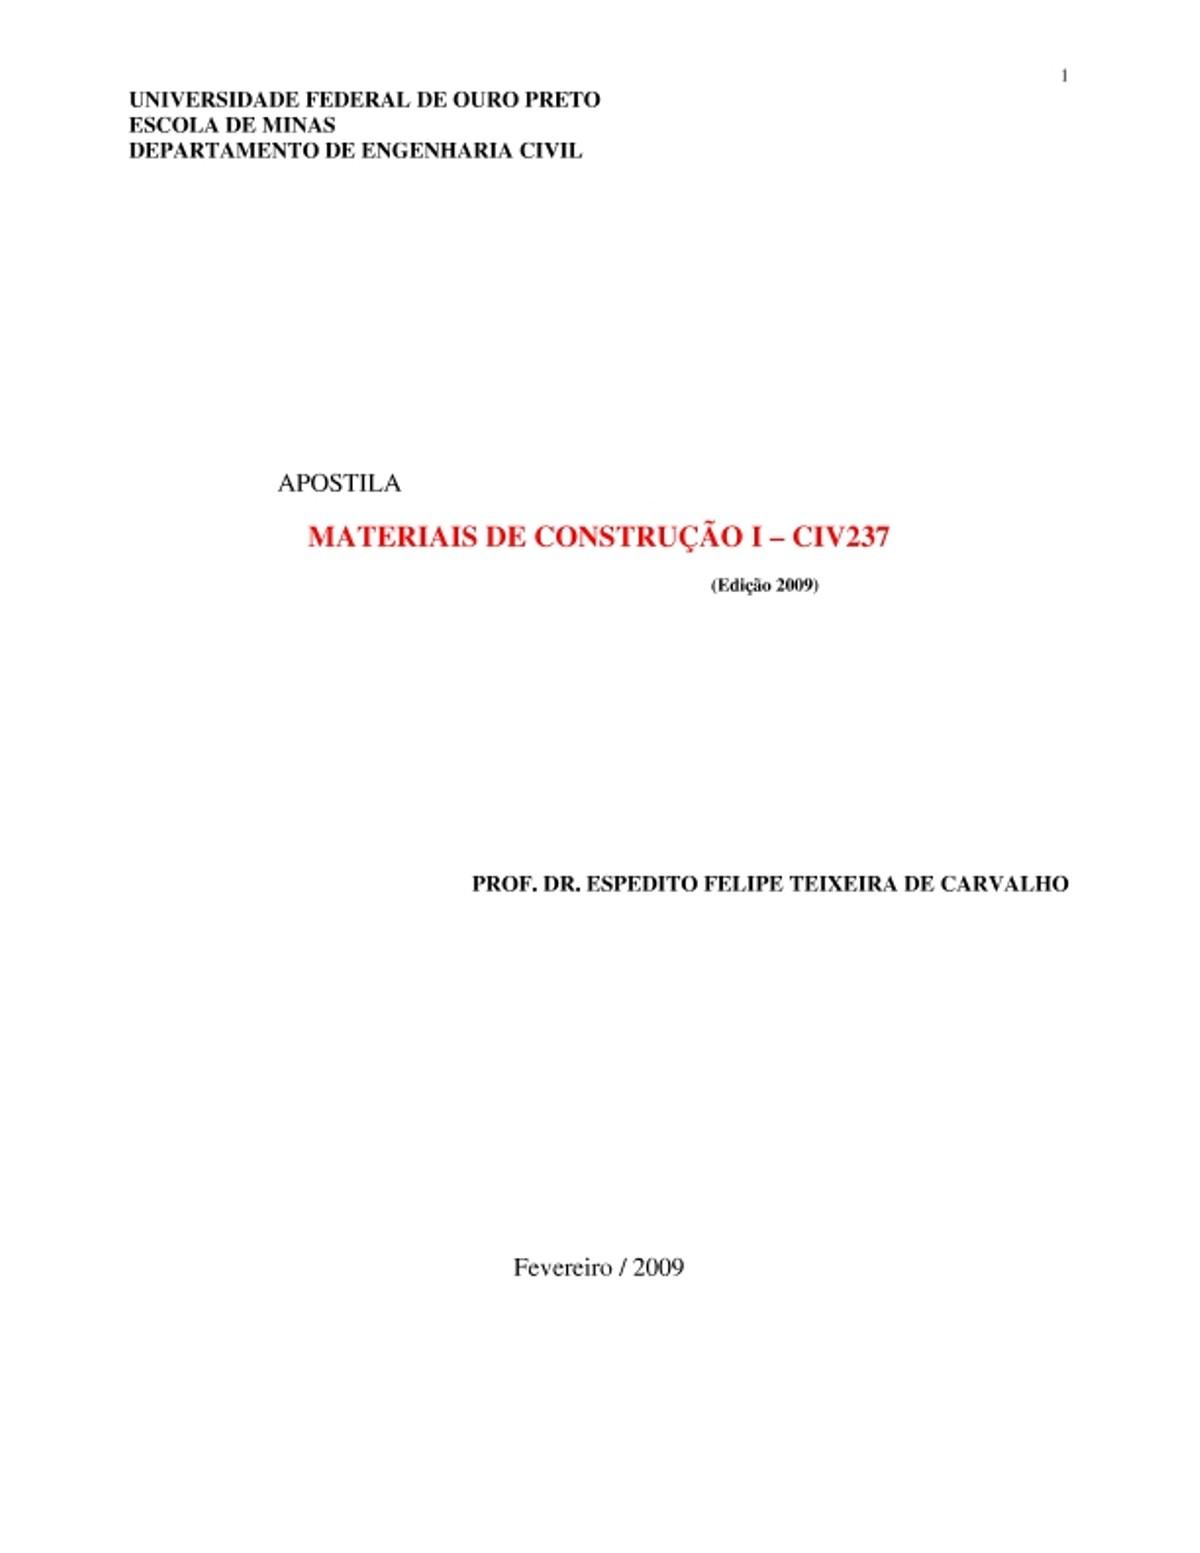 Pre-visualização do material Apostila Prof Expedito - página 1